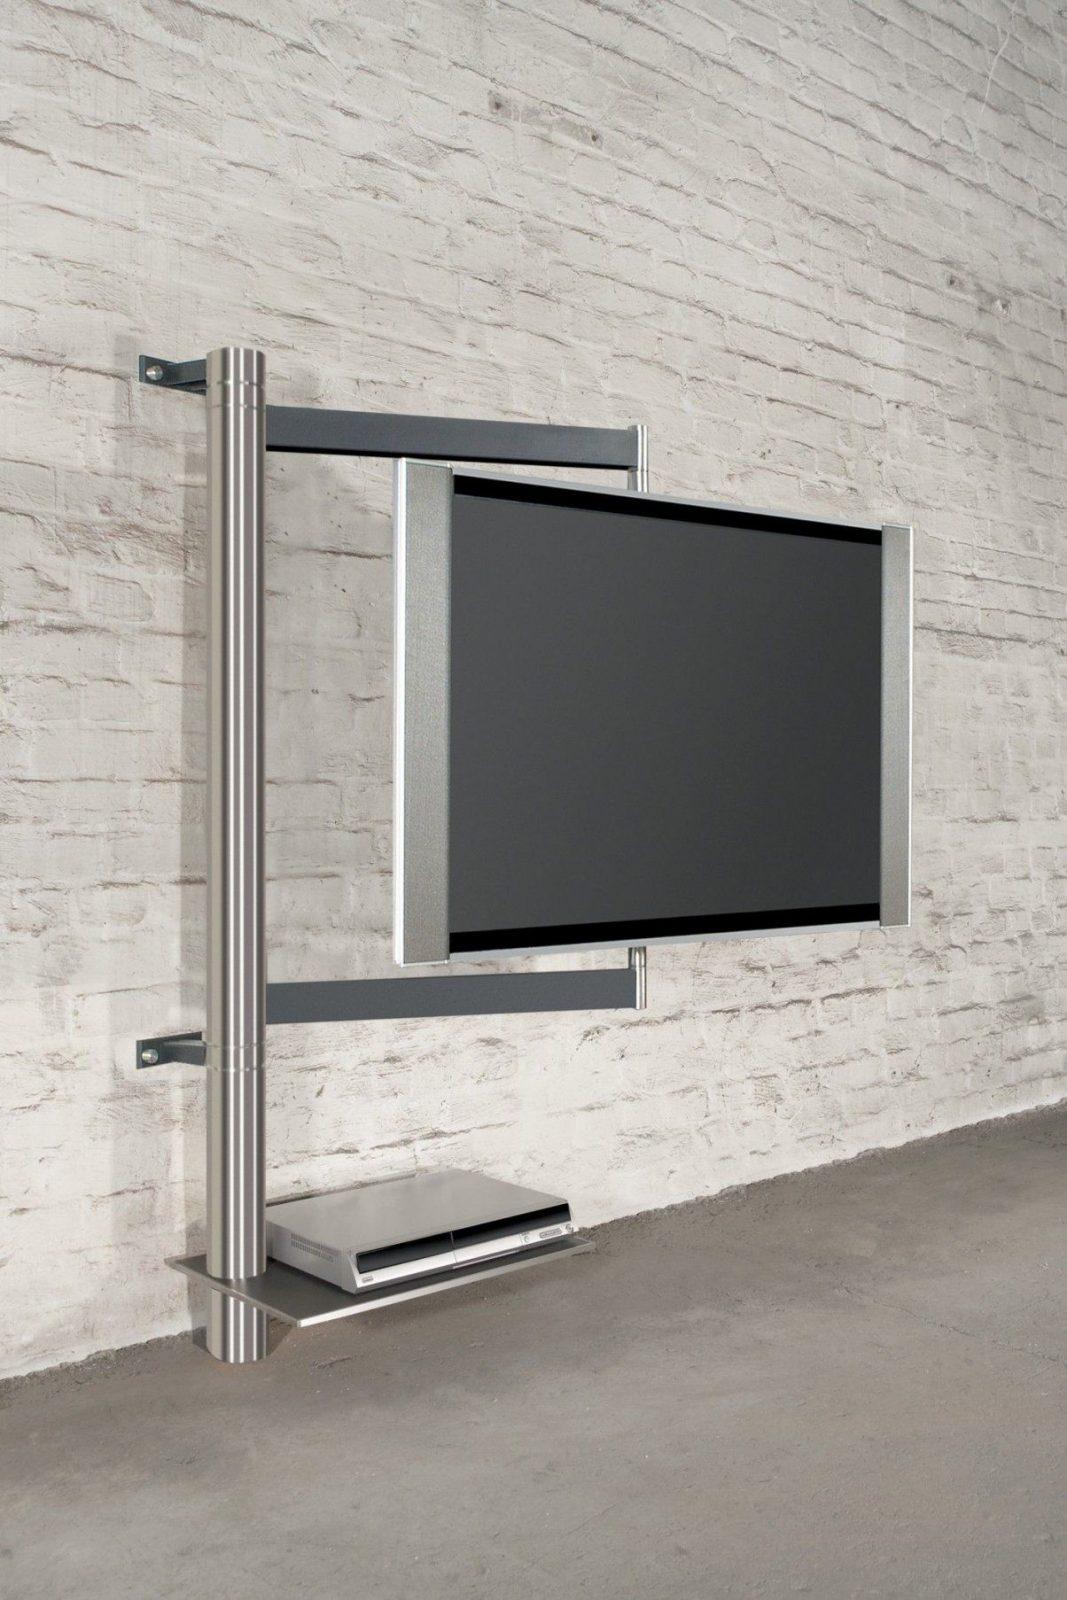 Tv An Der Wand Kabel Verstecken von Tv An Wand Kabel Verstecken Bild